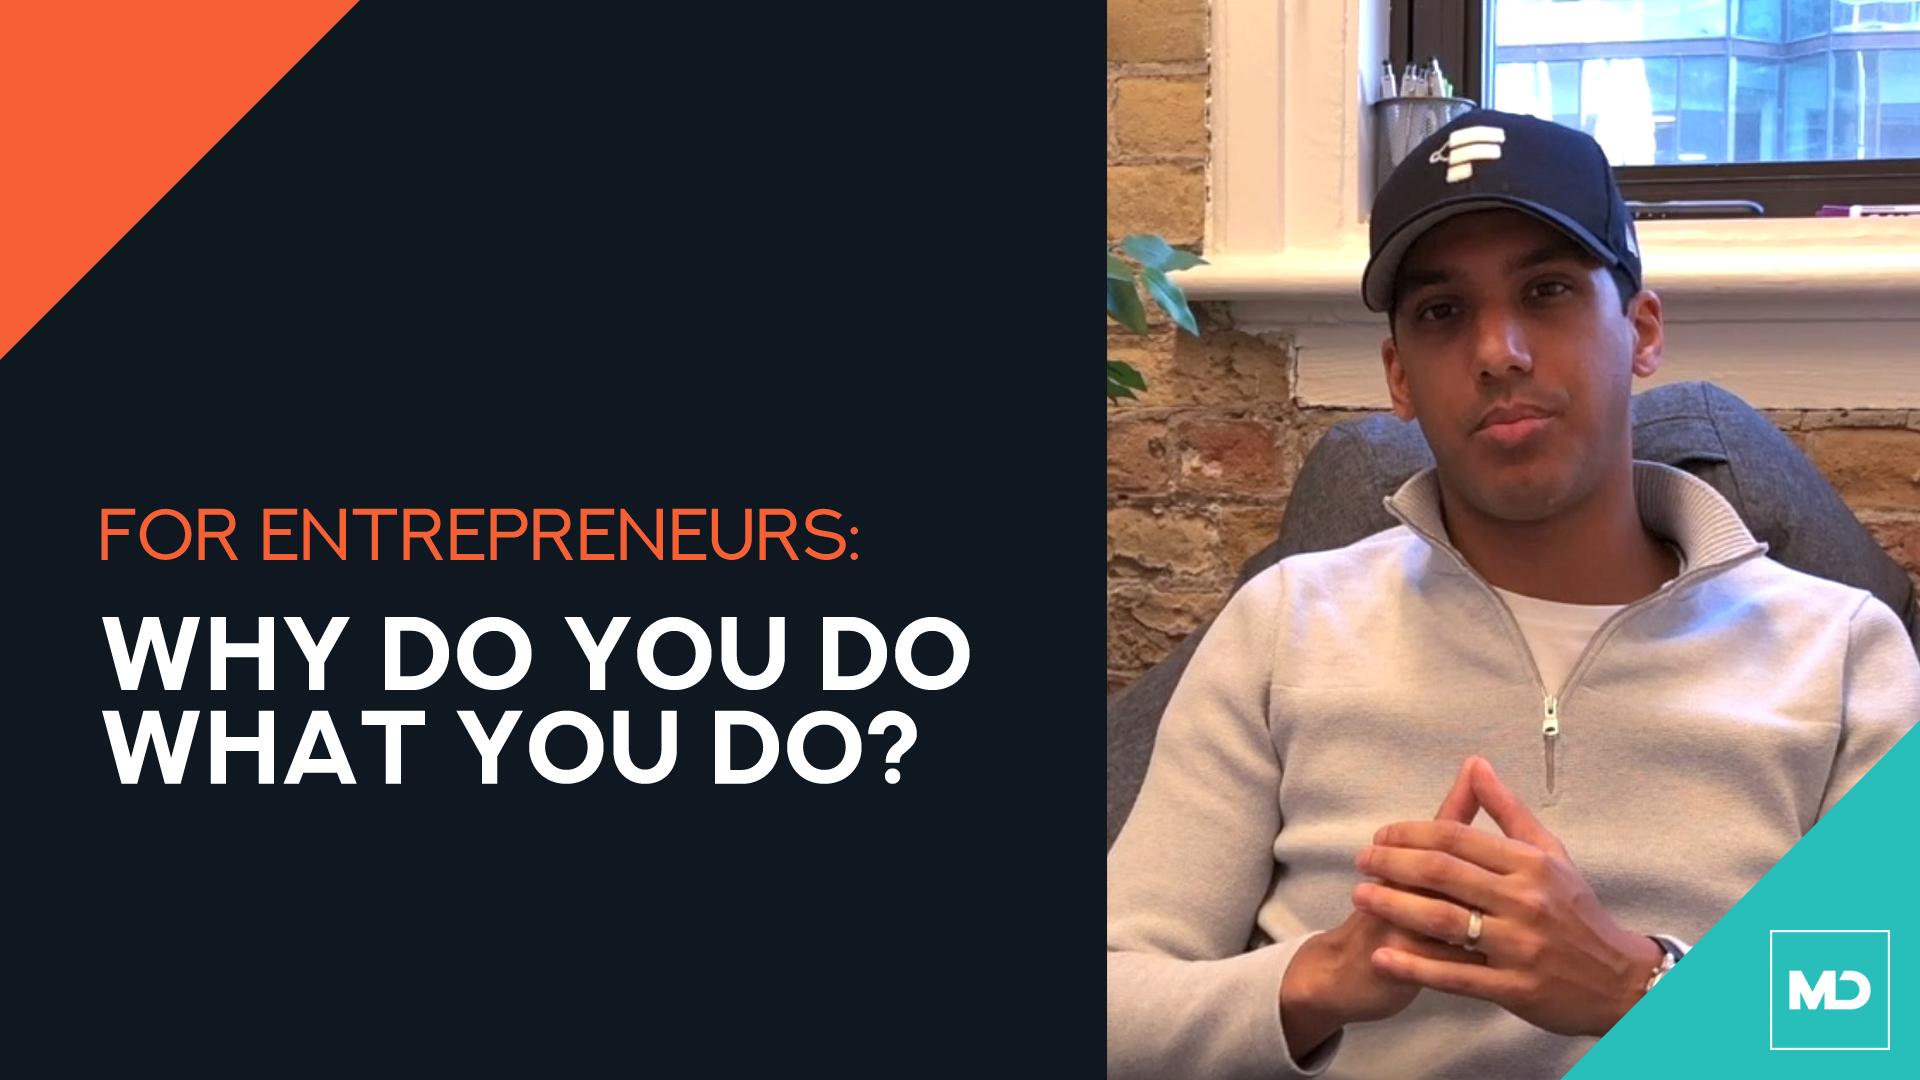 Canadian Entrepreneurs - Why do you do what you do?